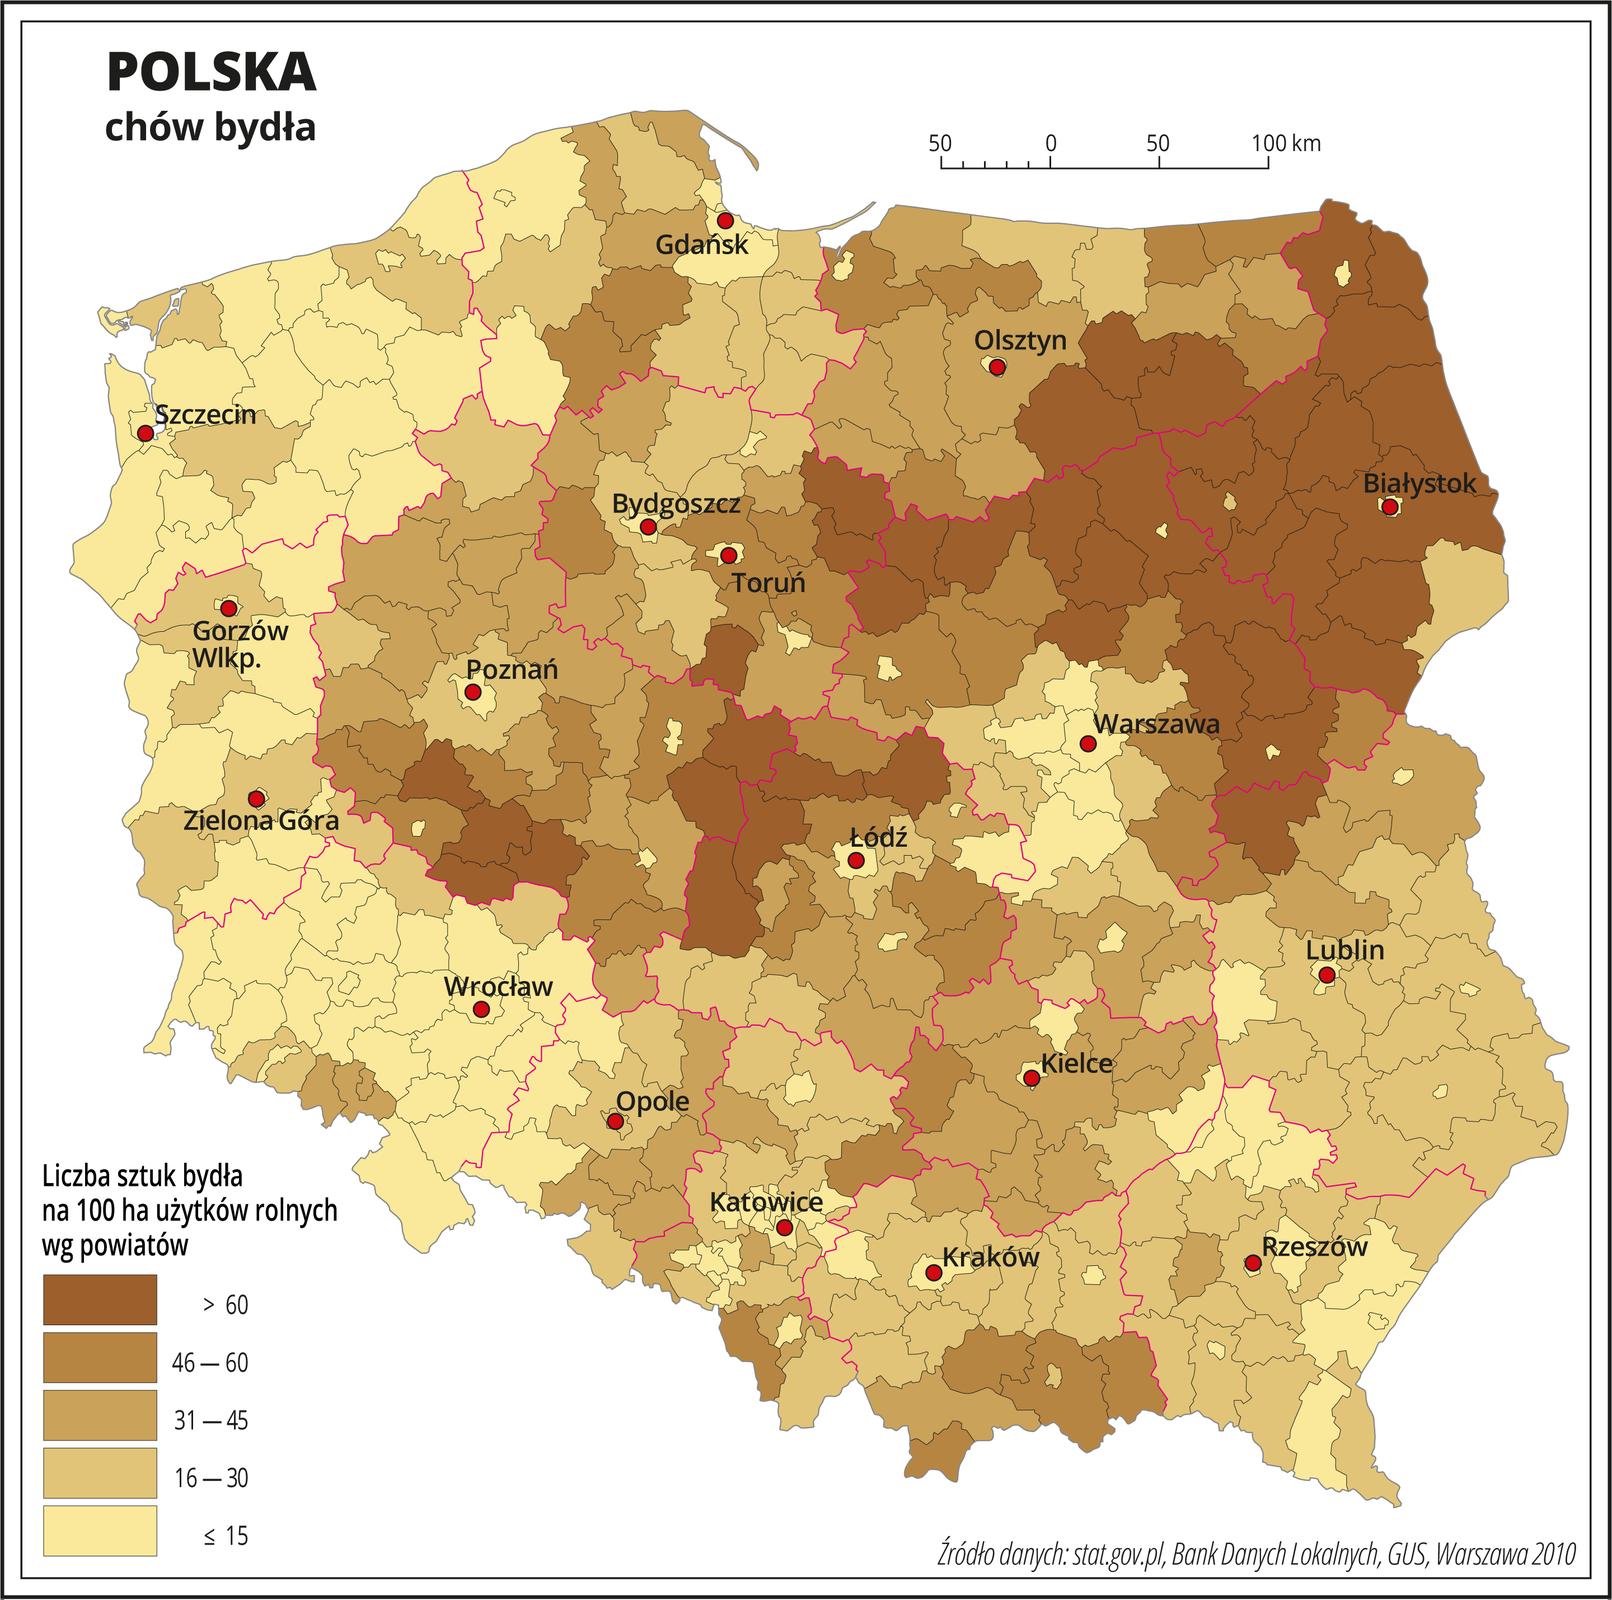 Ilustracja przedstawia mapę Polski zpodziałem na powiaty, na której za pomocą kolorów przedstawiono liczbę sztuk bydła na sto hektarów użytków rolnych wg powiatów. Na mapie czerwonymi liniami oznaczono granice województw, aczarnymi granice powiatów, czerwonymi kropkami oznaczono miasta wojewódzkie ije opisano. Najciemniejszym odcieniem koloru brązowego oznaczono obszary, gdzie występuje powyżej sześćdziesięciu sztuk bydła na sto hektarów użytków rolnych. Jest to województwo podlaskie, północna iwschodnia część województwa mazowieckiego, południowa część województwa warmińsko-mazurskiego ikilka powiatów na styku województwa wielkopolskiego iłódzkiego. Najjaśniejszym odcieniem oznaczono obszary, gdzie hoduje się poniżej piętnastu sztuk bydła na sto hektarów użytków rolnych. Jest to centralna część województwa mazowieckiego, okolice Łodzi izachodnia część Polski. Wpozostałych powiatach oznaczonych trzema różnymi odcieniami koloru brązowego przedstawiono obszary, na których hodowla bydła waha się od szesnastu do sześćdziesięciu sztuk na sto hektarów użytków rolnych. Występują one na mapie wzbliżonych ilościach isą rozłożone nierównomiernie. Poniżej mapy wlegendzie opisano kolory użyte na mapie.